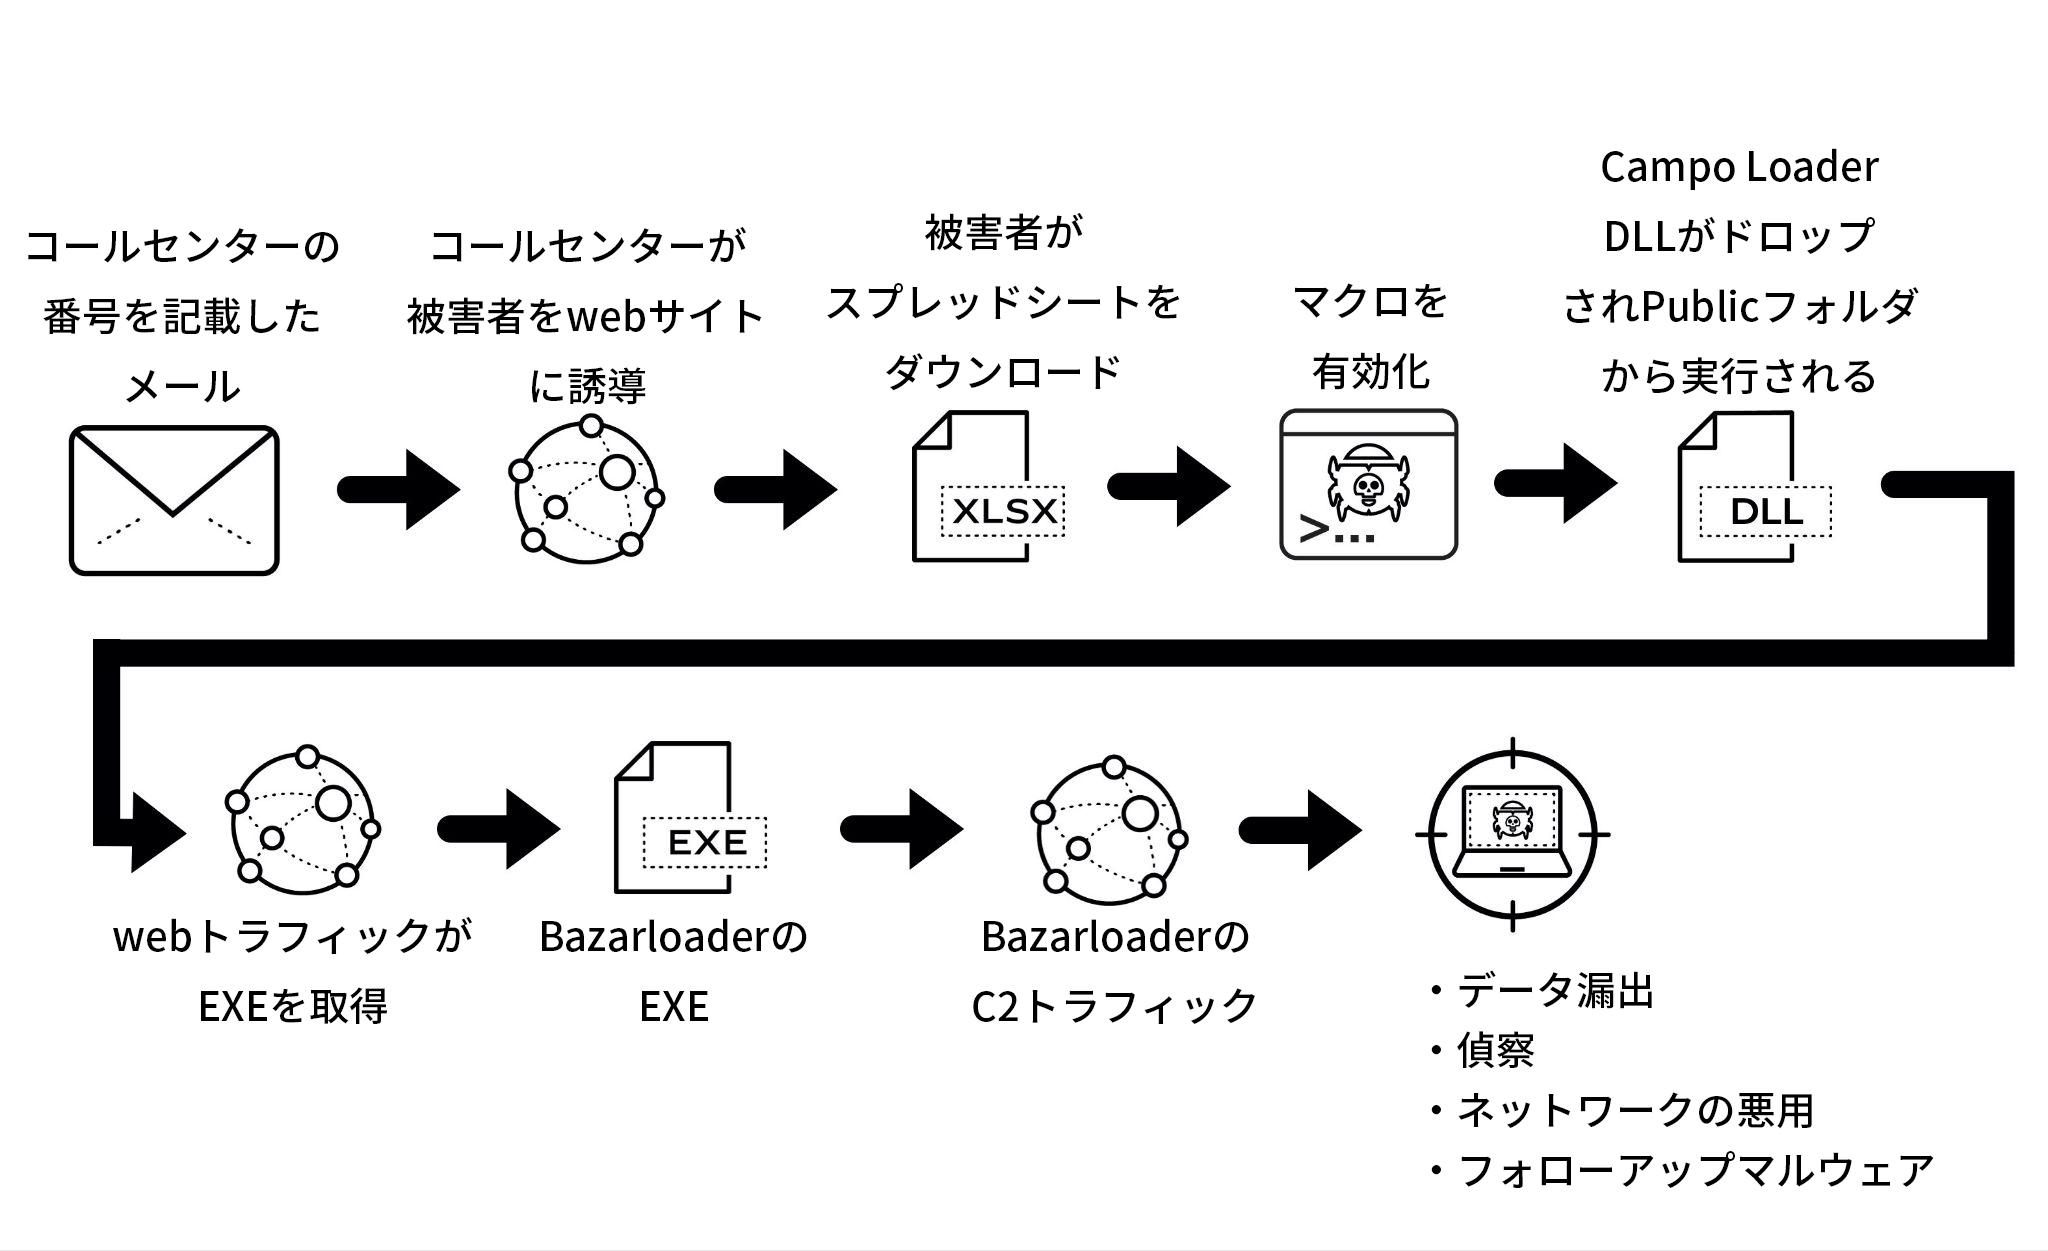 BazarCallのフローチャートキャンペーン。被害者はBazarLoaderマルウェアにシステムを感染させる手順を直接案内される。